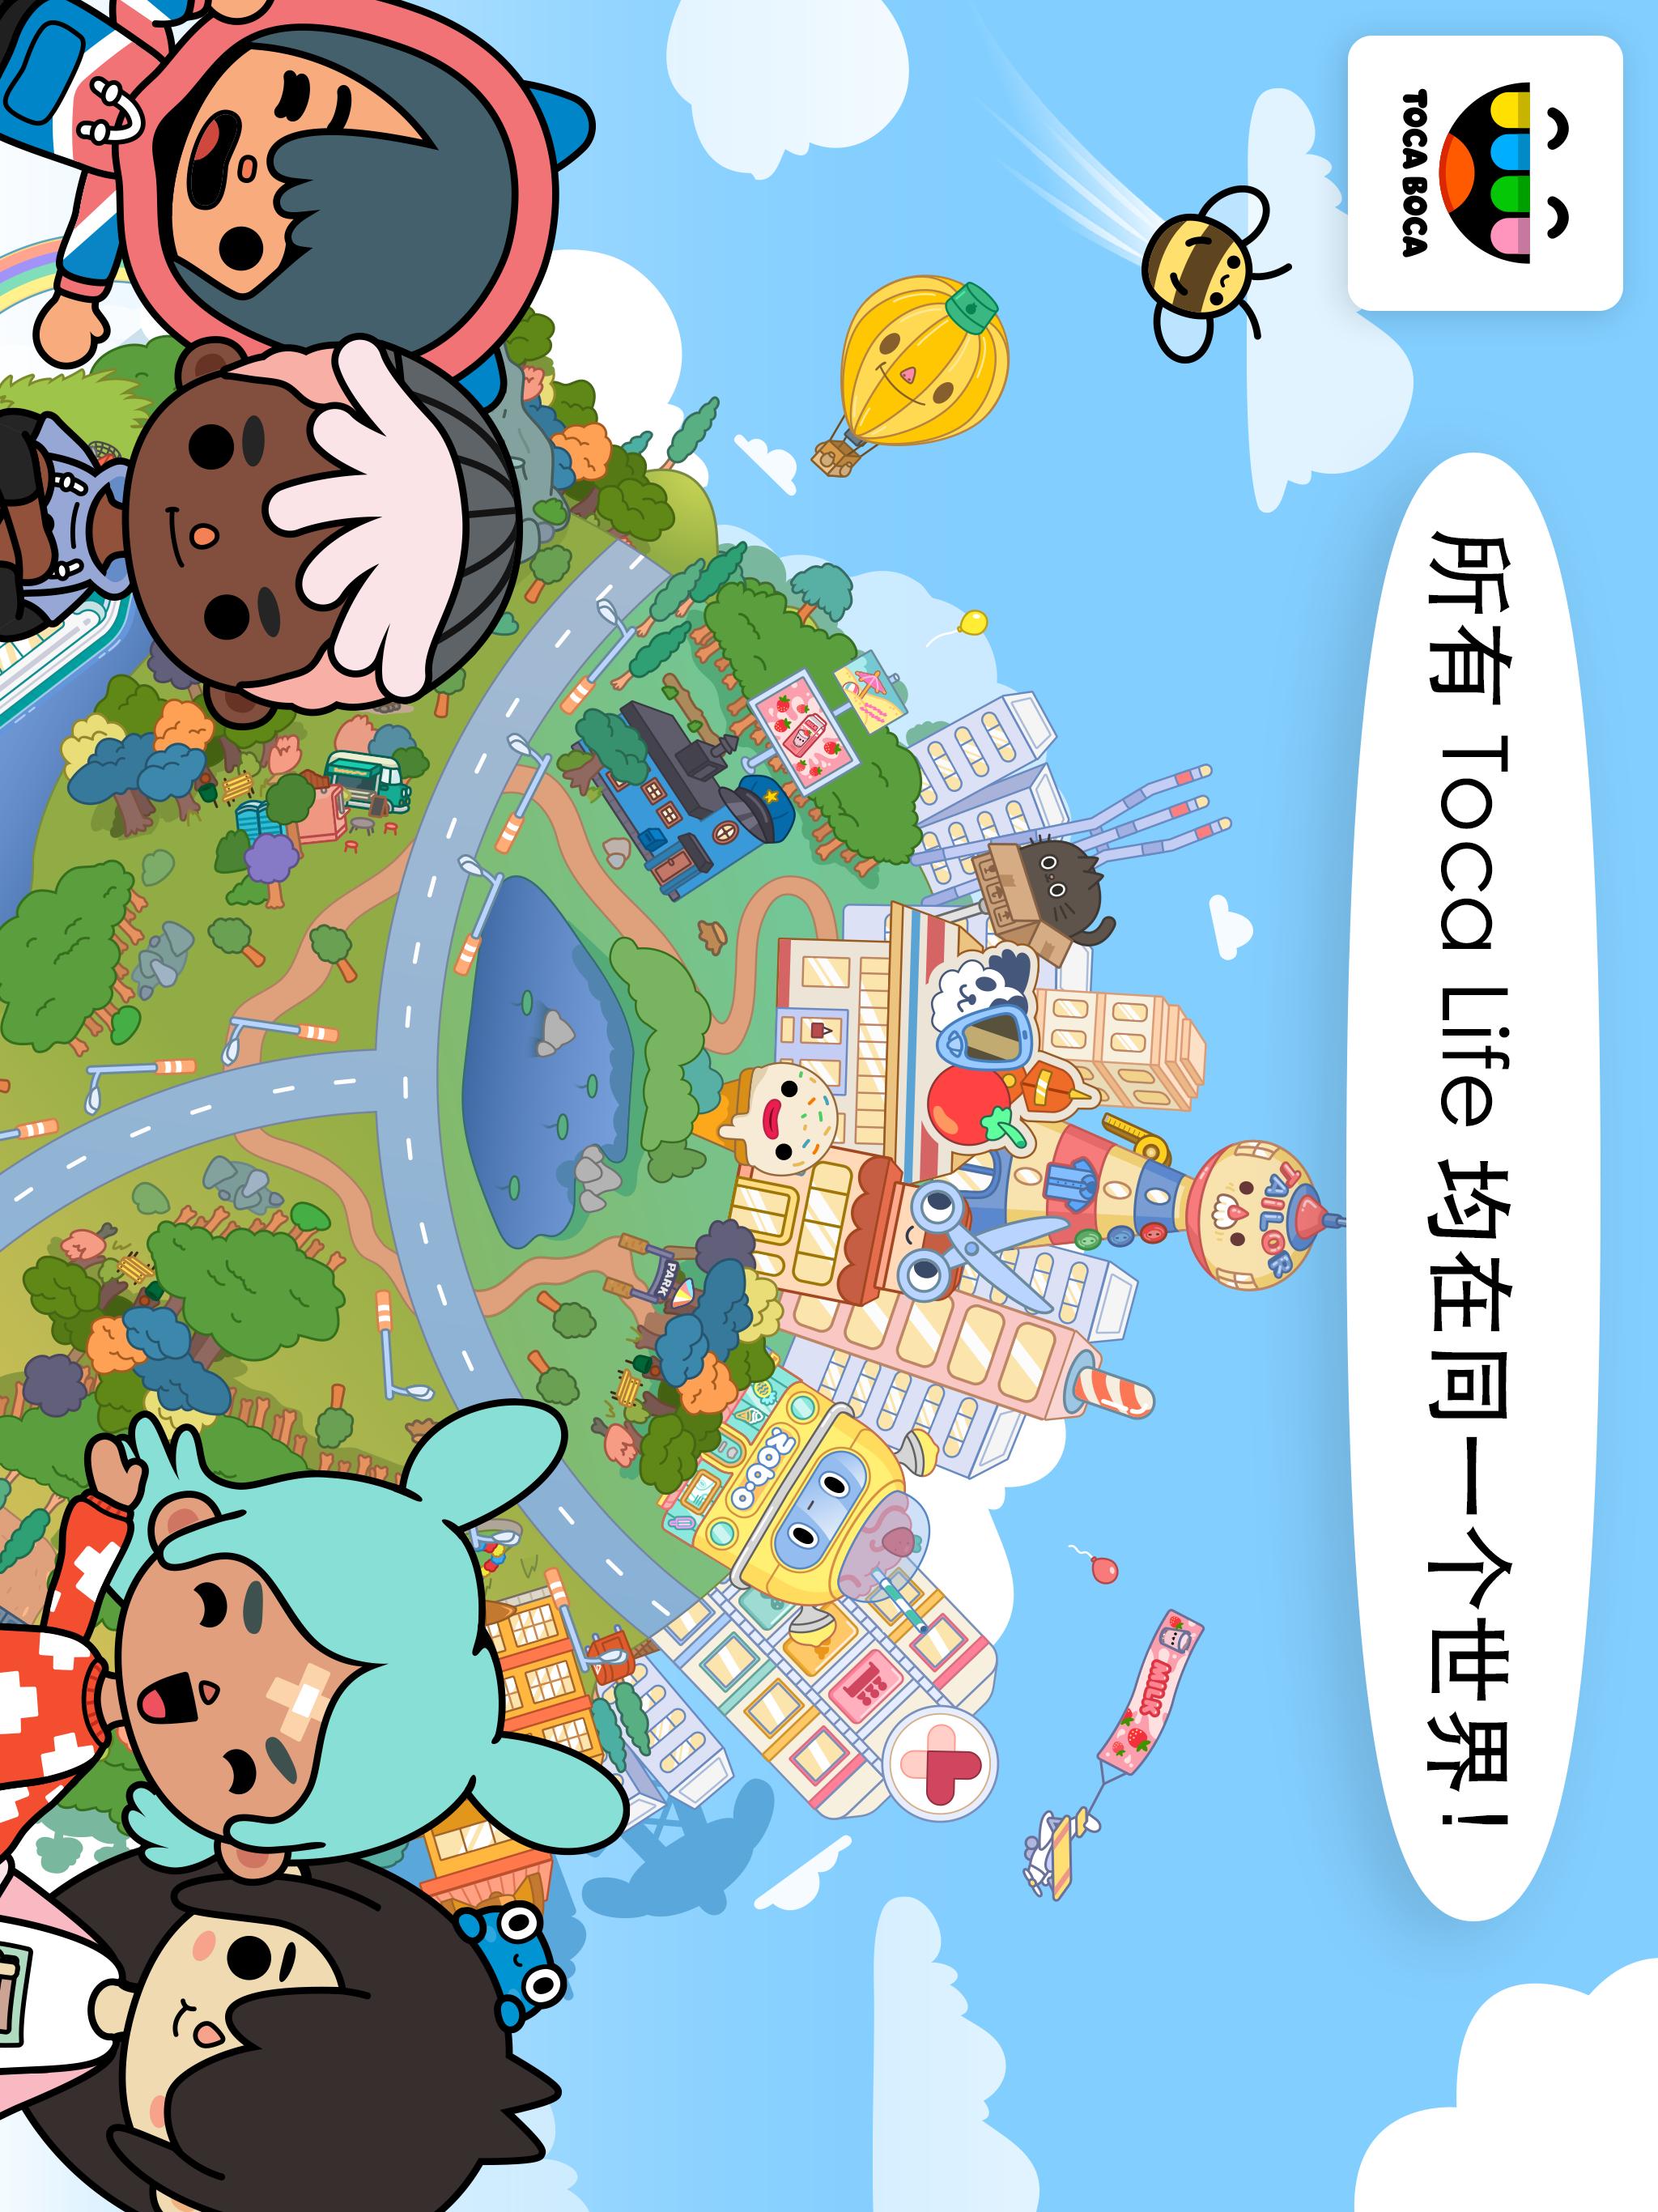 托卡生活:世界(原版)游戏截图